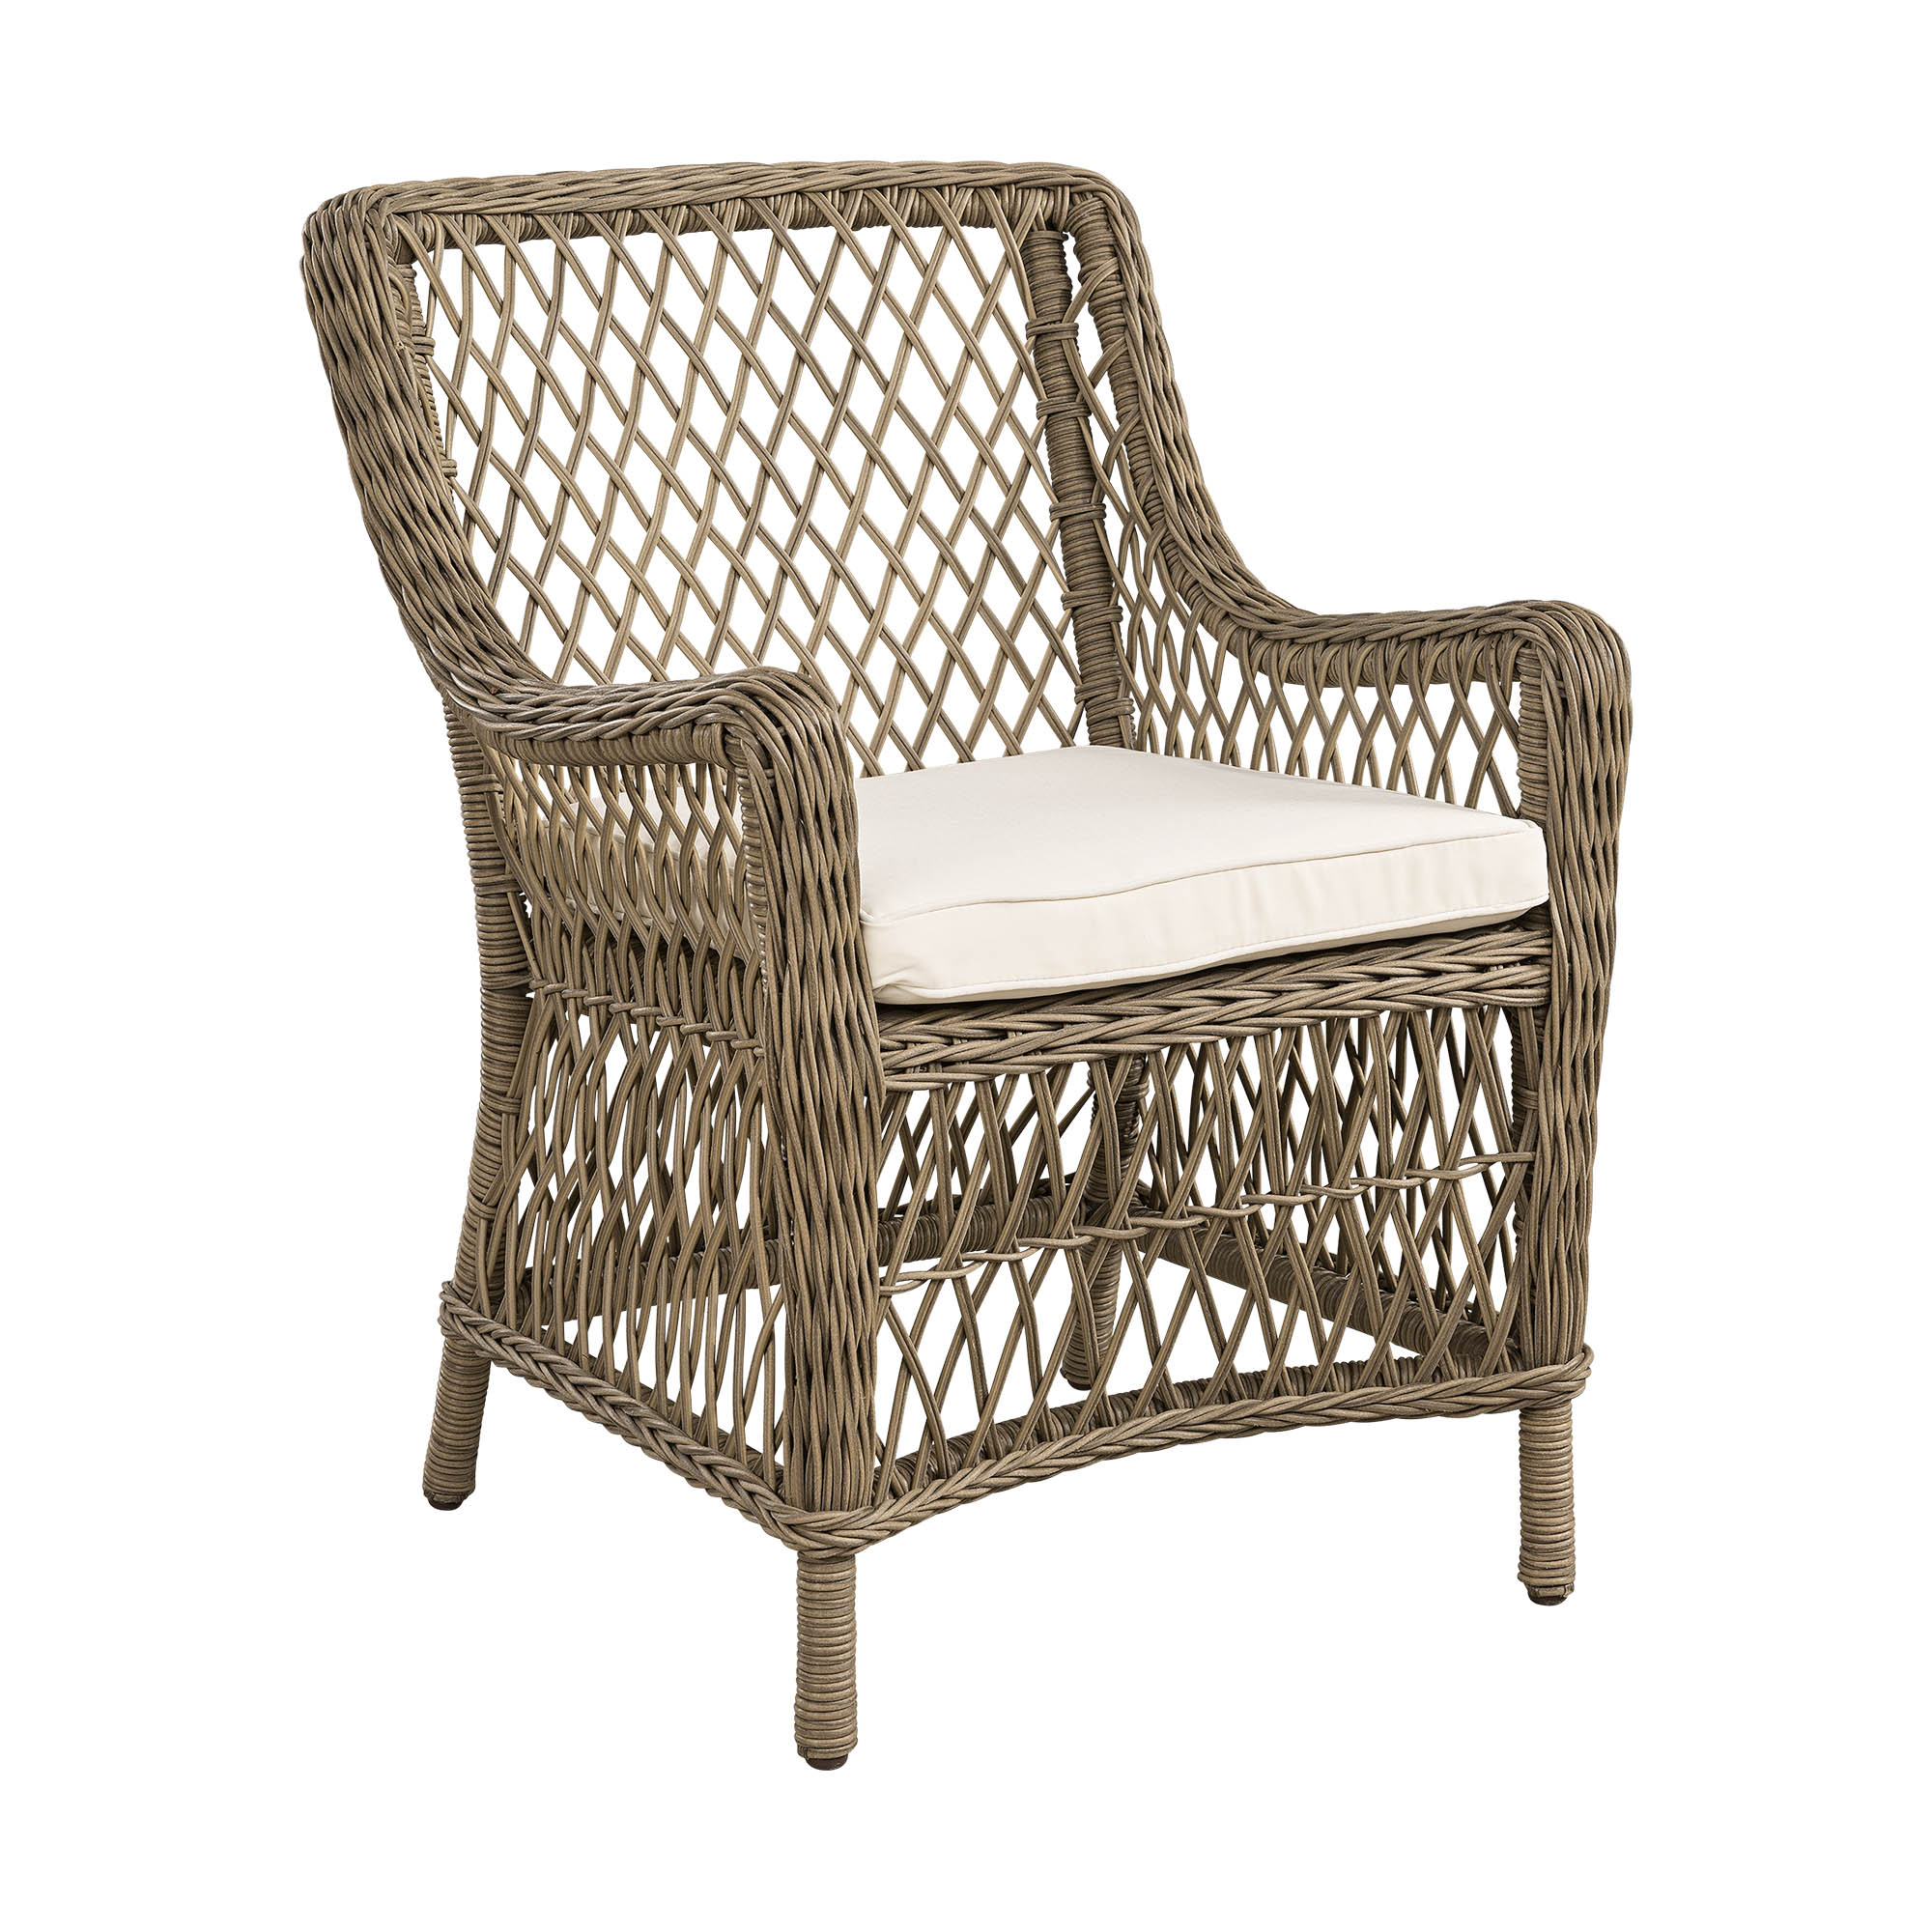 Marbella karmstol i vintage grå konstrotting från Artwood.